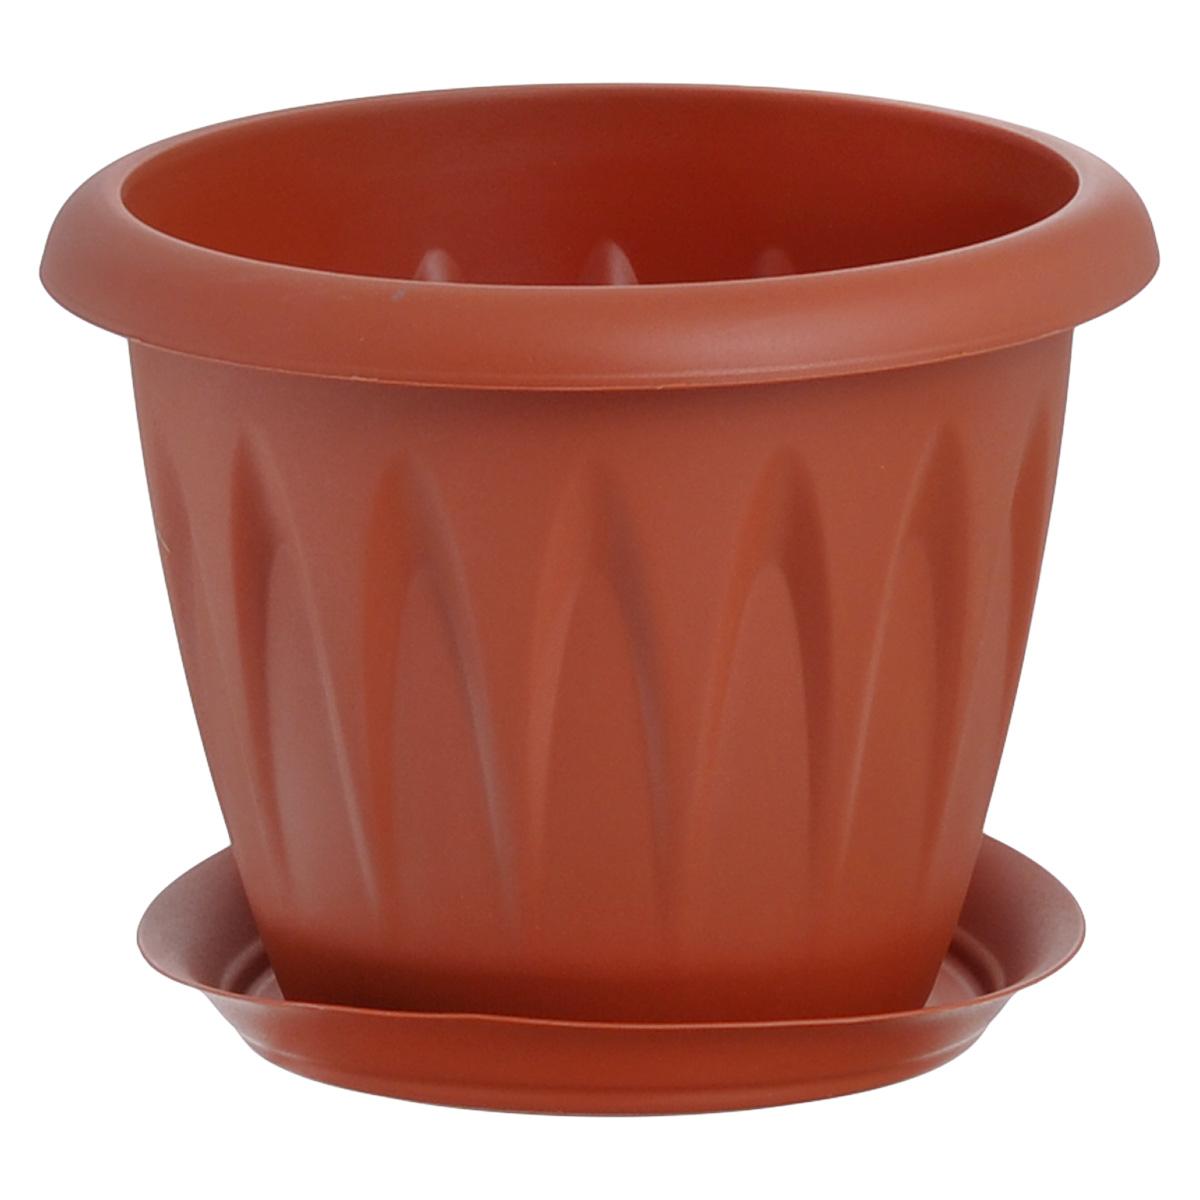 Кашпо Idea Алиция, с поддоном, цвет: терракотовый, 600 мл531-326Кашпо Idea Алиция изготовлено из прочного полипропилена (пластика) и предназначено для выращивания растений, цветов и трав в домашних условиях. Круглый поддон обеспечивает сток воды. Такое кашпо порадует вас функциональностью, а благодаря лаконичному дизайну впишется в любой интерьер помещения. Диаметр кашпо по верхнему краю: 12 см. Высота кашпо: 9,5 см. Диаметр поддона: 9,5 см. Объем кашпо: 0,6 л.